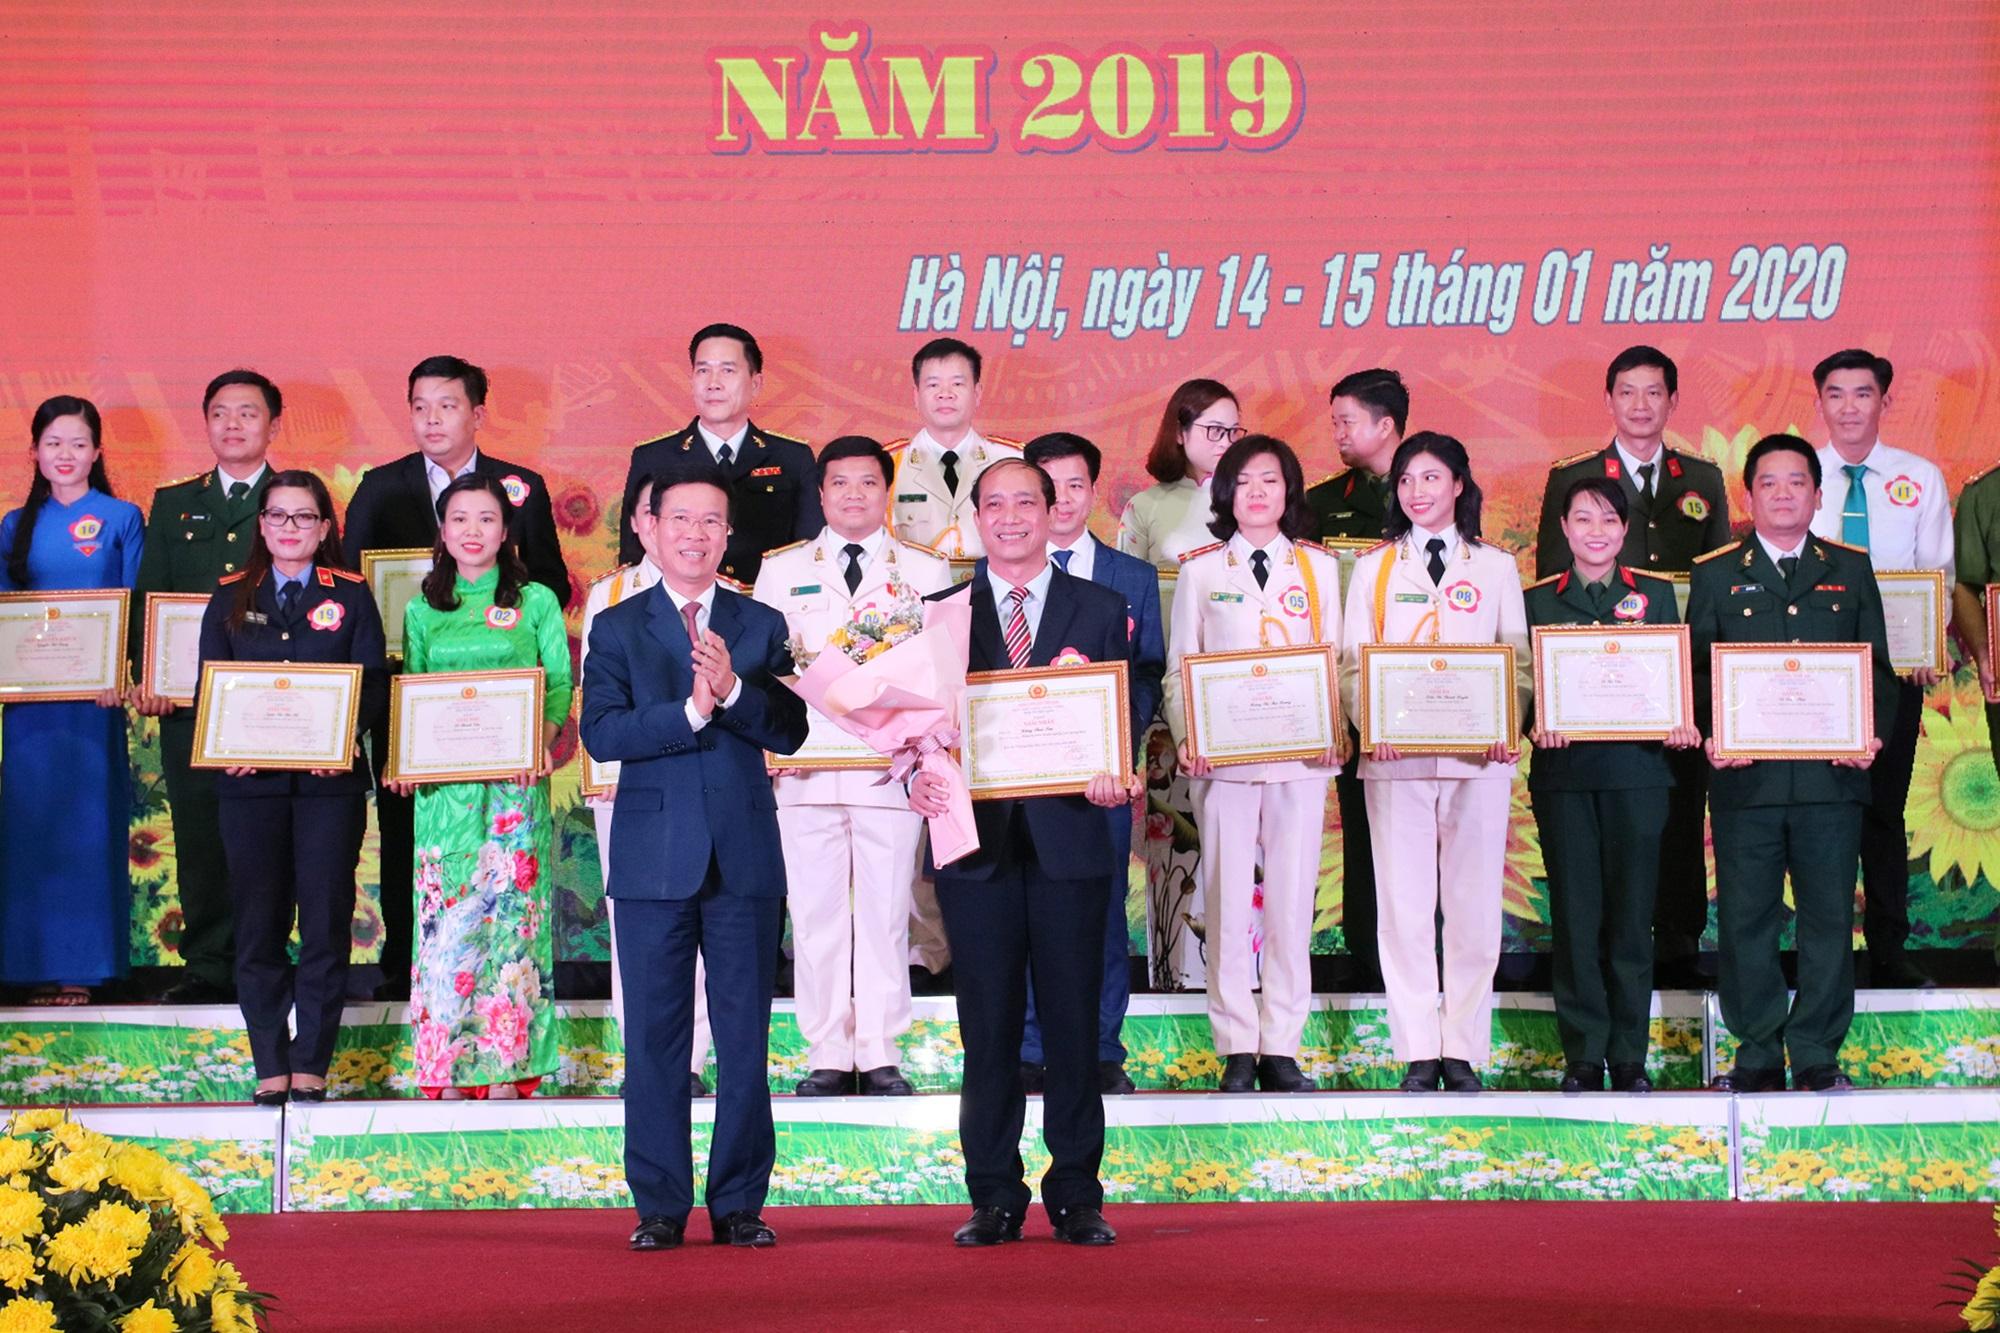 Thí sinh Đặng Thái Sơn giành giải Nhất Hội thi báo cáo viên giỏi toàn quốc